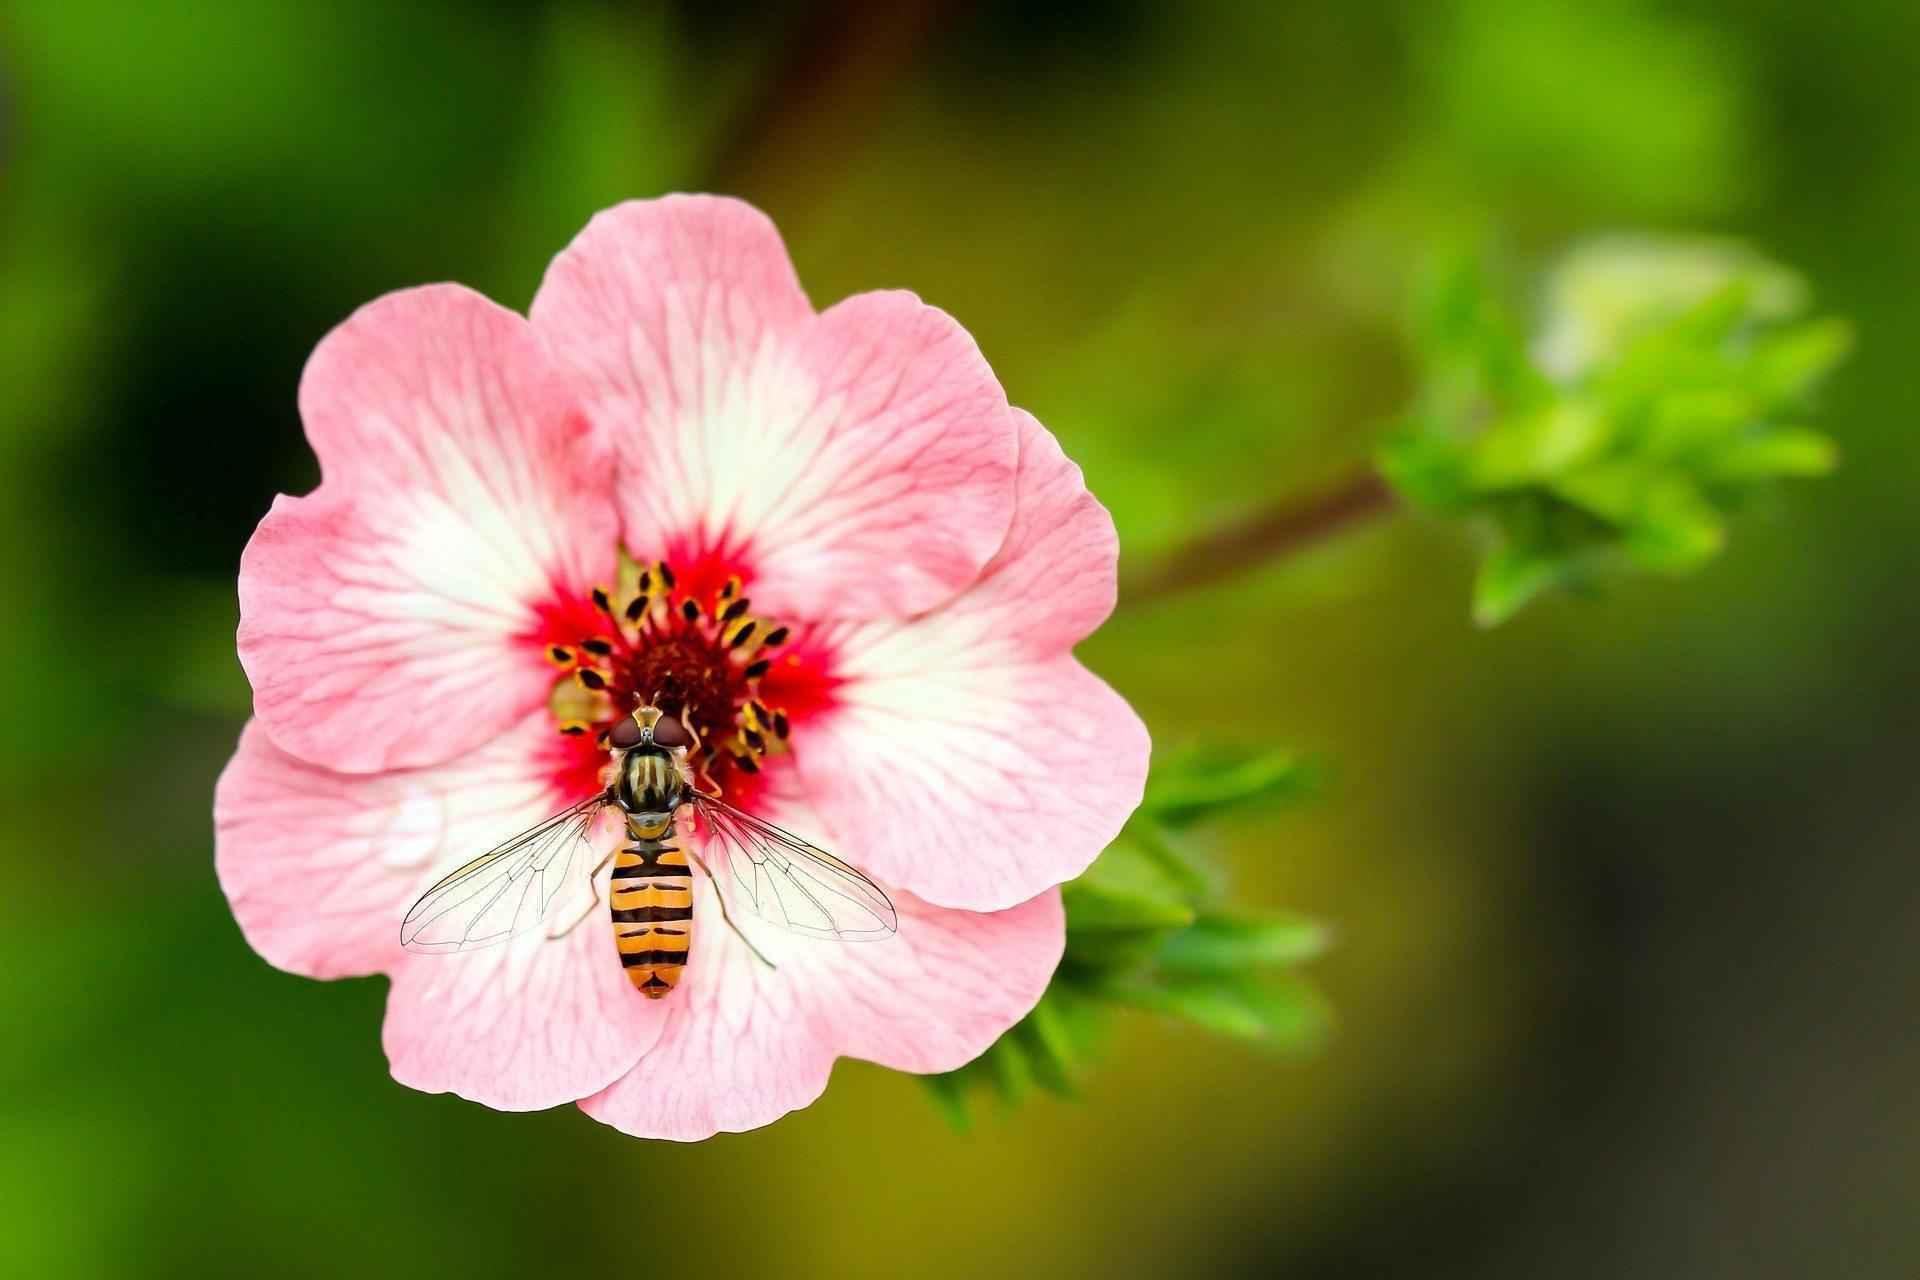 оса, цветок, насекомые, растения, макросъемка, крупным планом